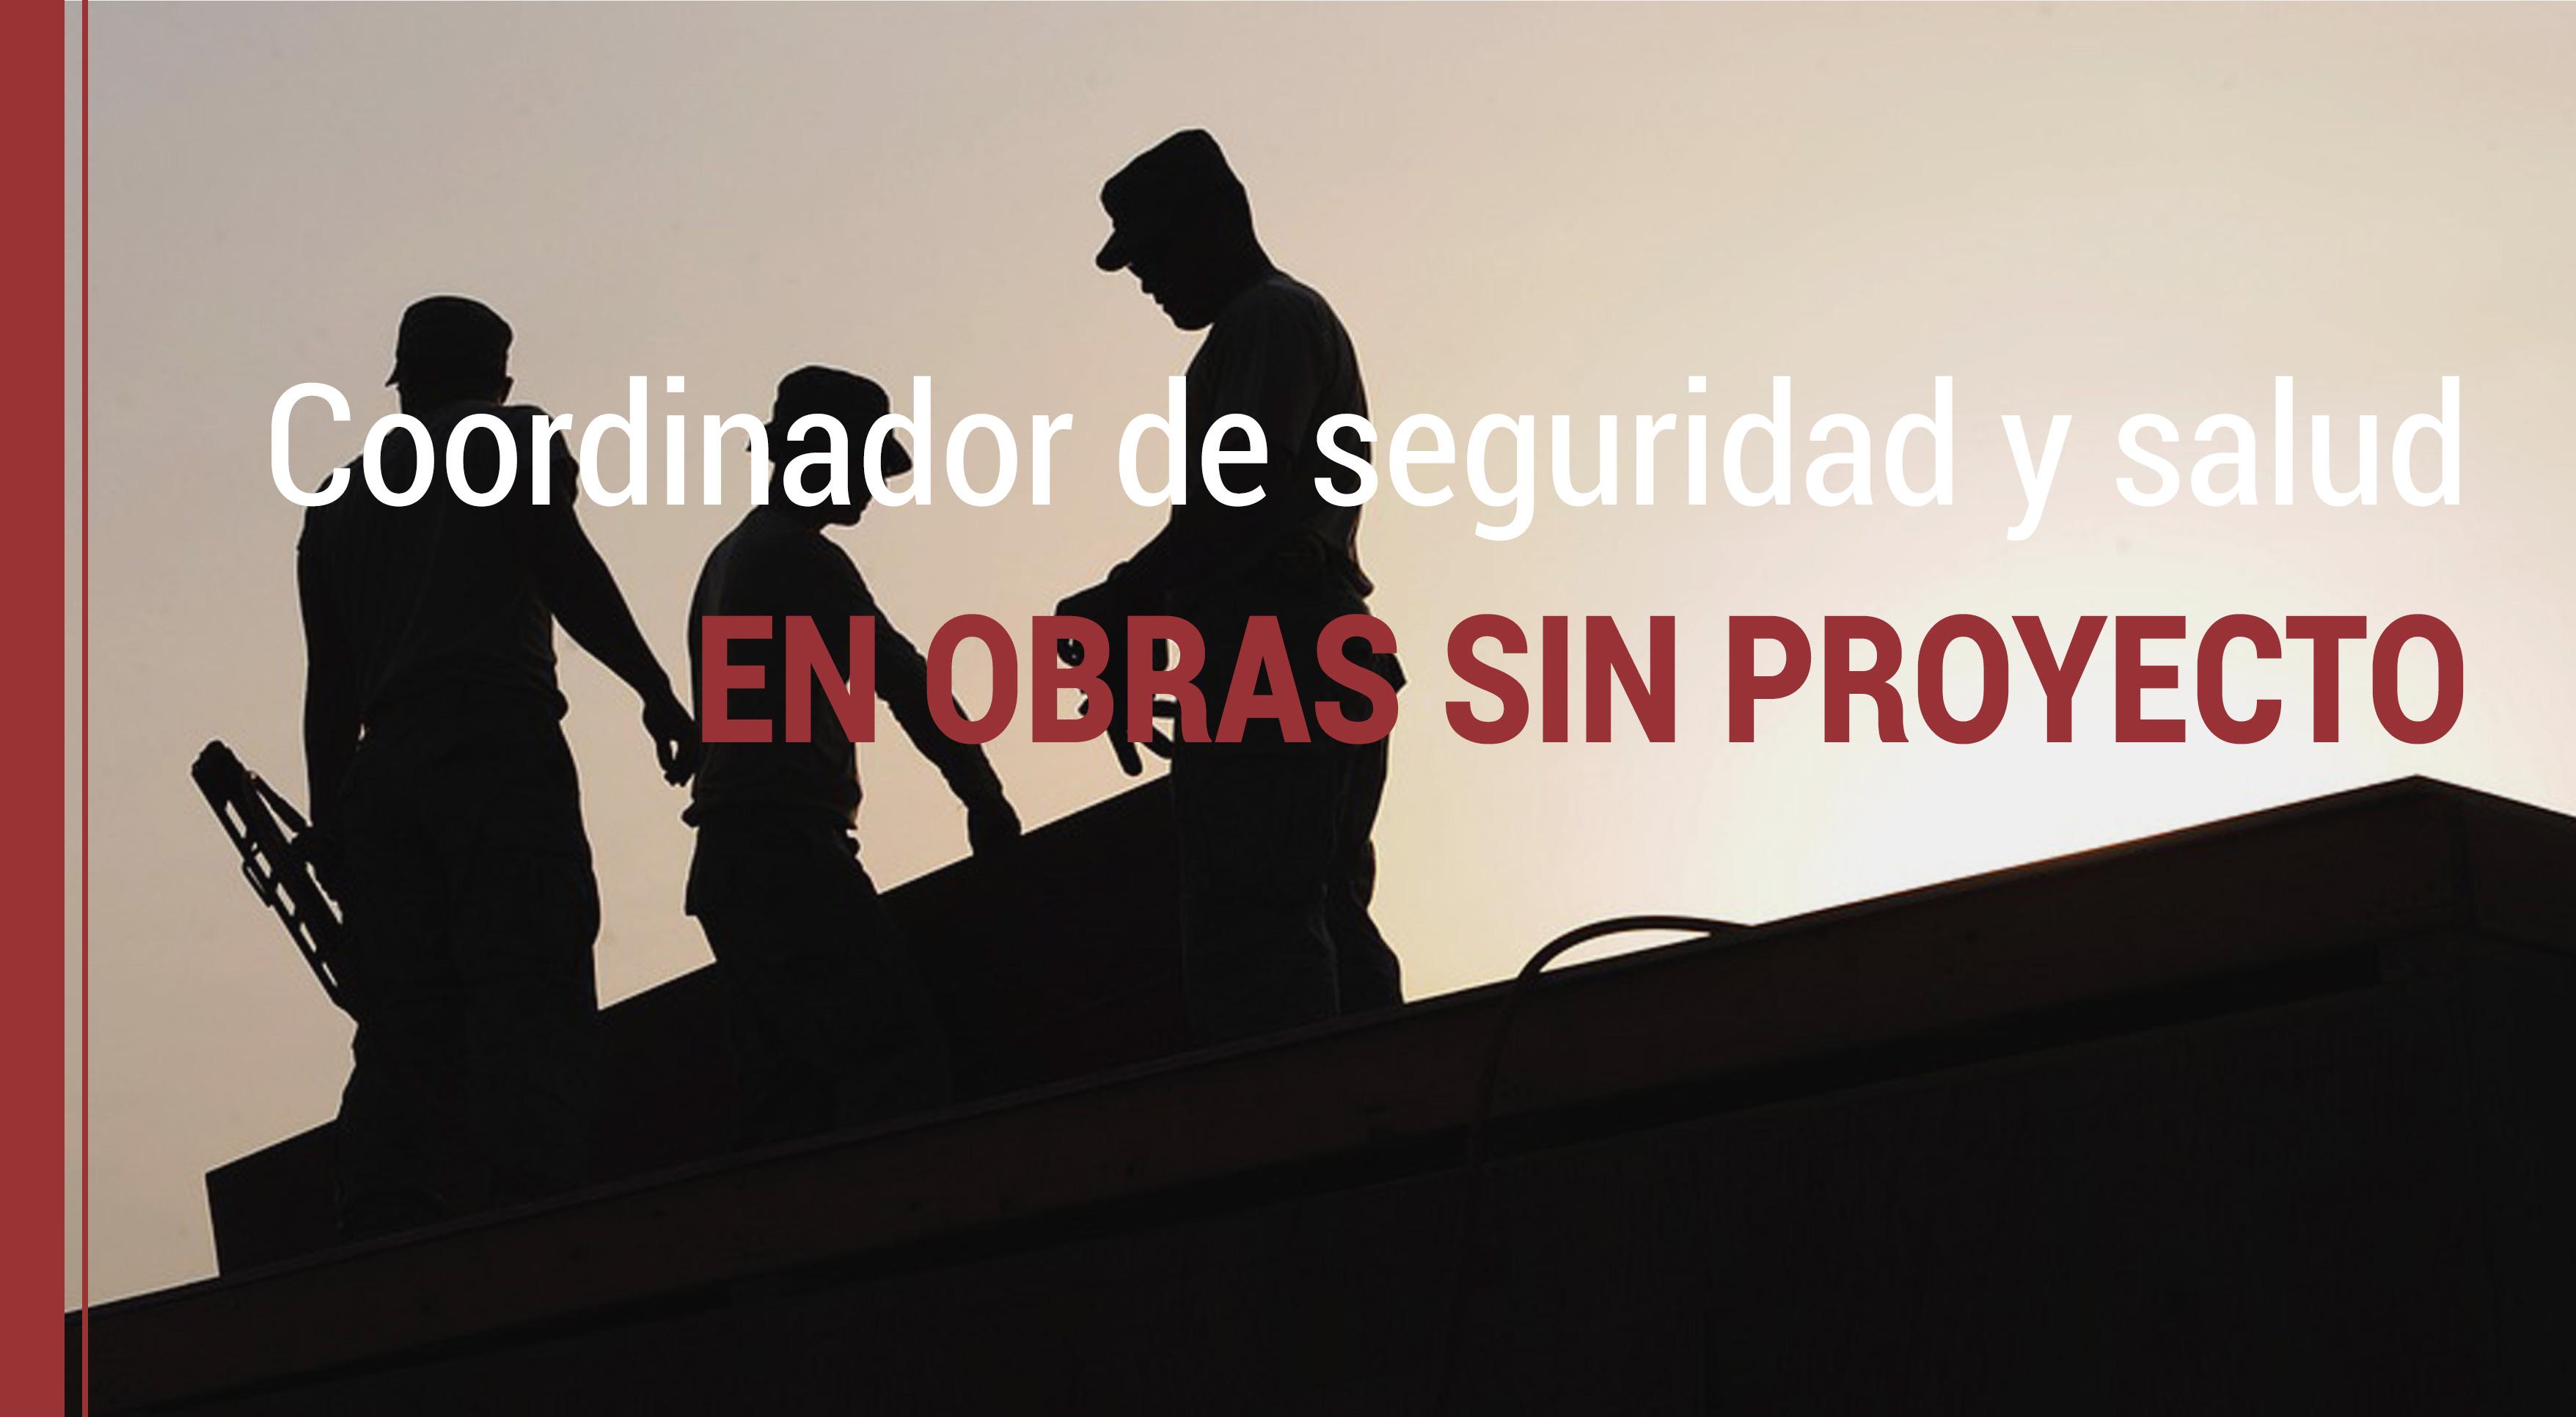 coordinador-de-seguridad-obras-sin-proyecto Coordinador de seguridad y salud en obras sin proyecto